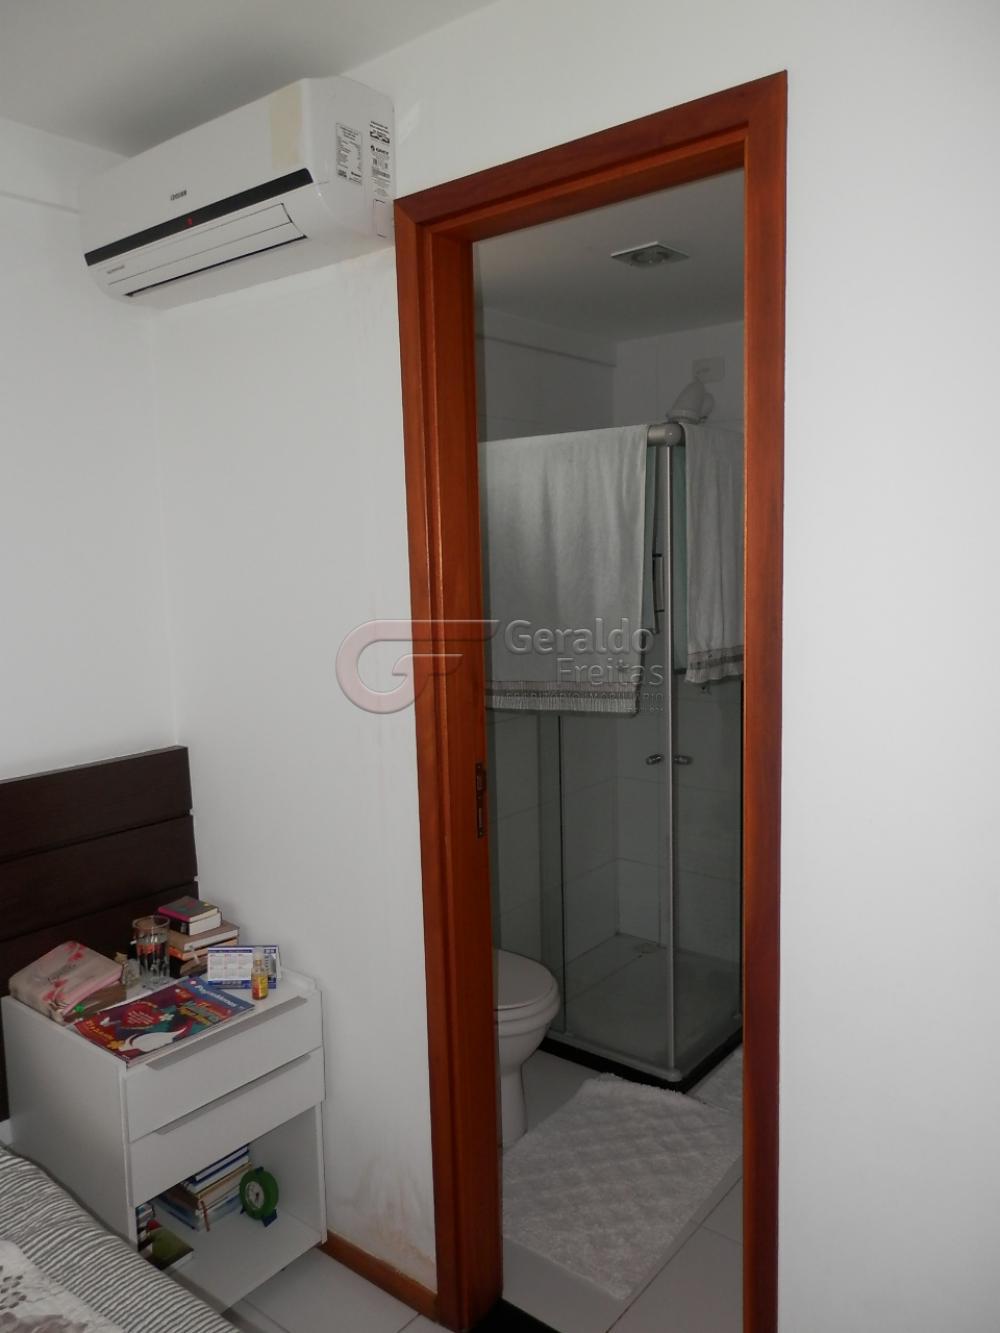 Comprar Apartamentos / Padrão em Maceió apenas R$ 650.000,00 - Foto 13